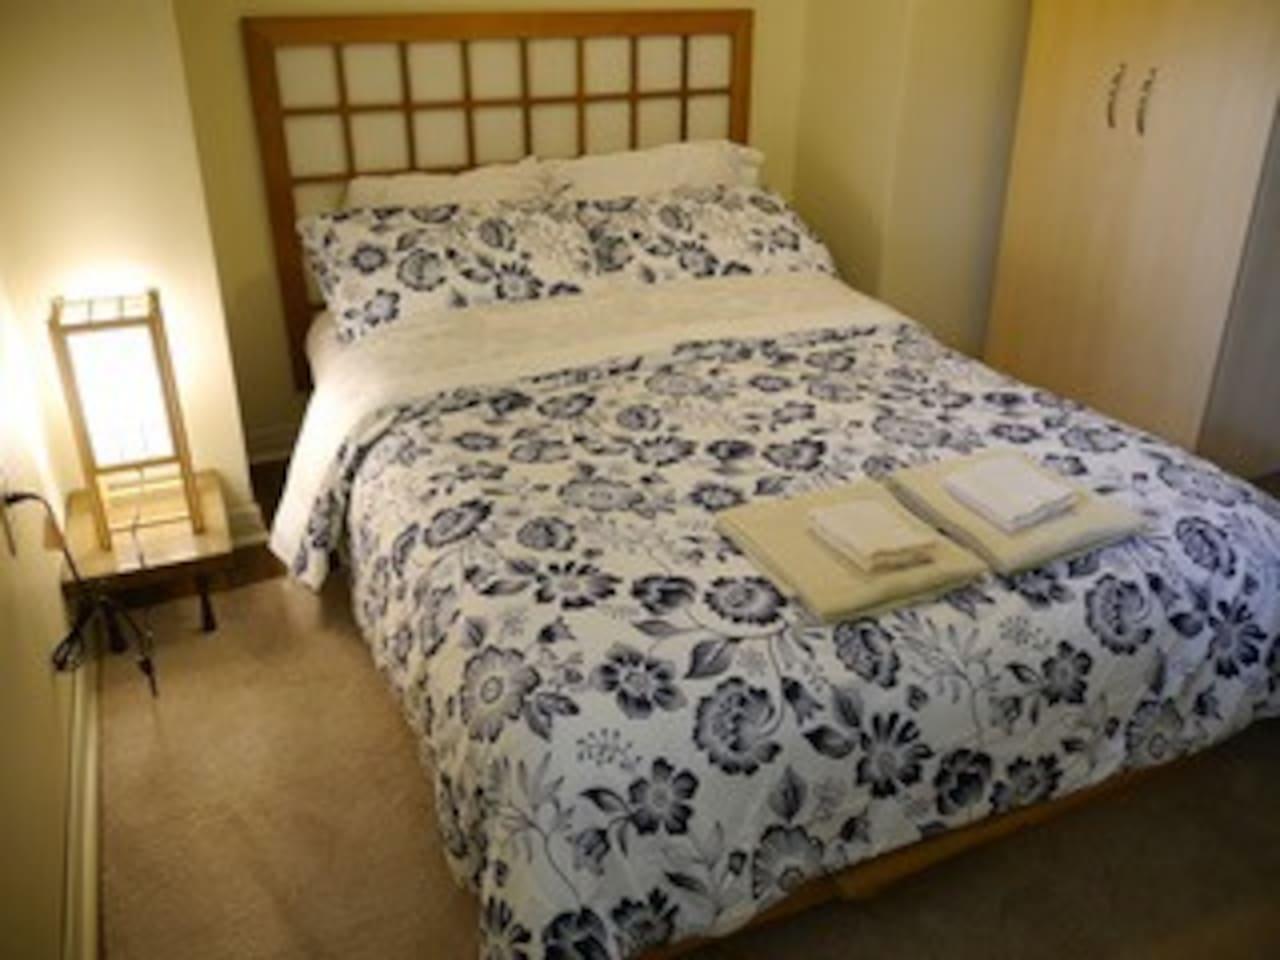 1 Bedroom, Futon bed